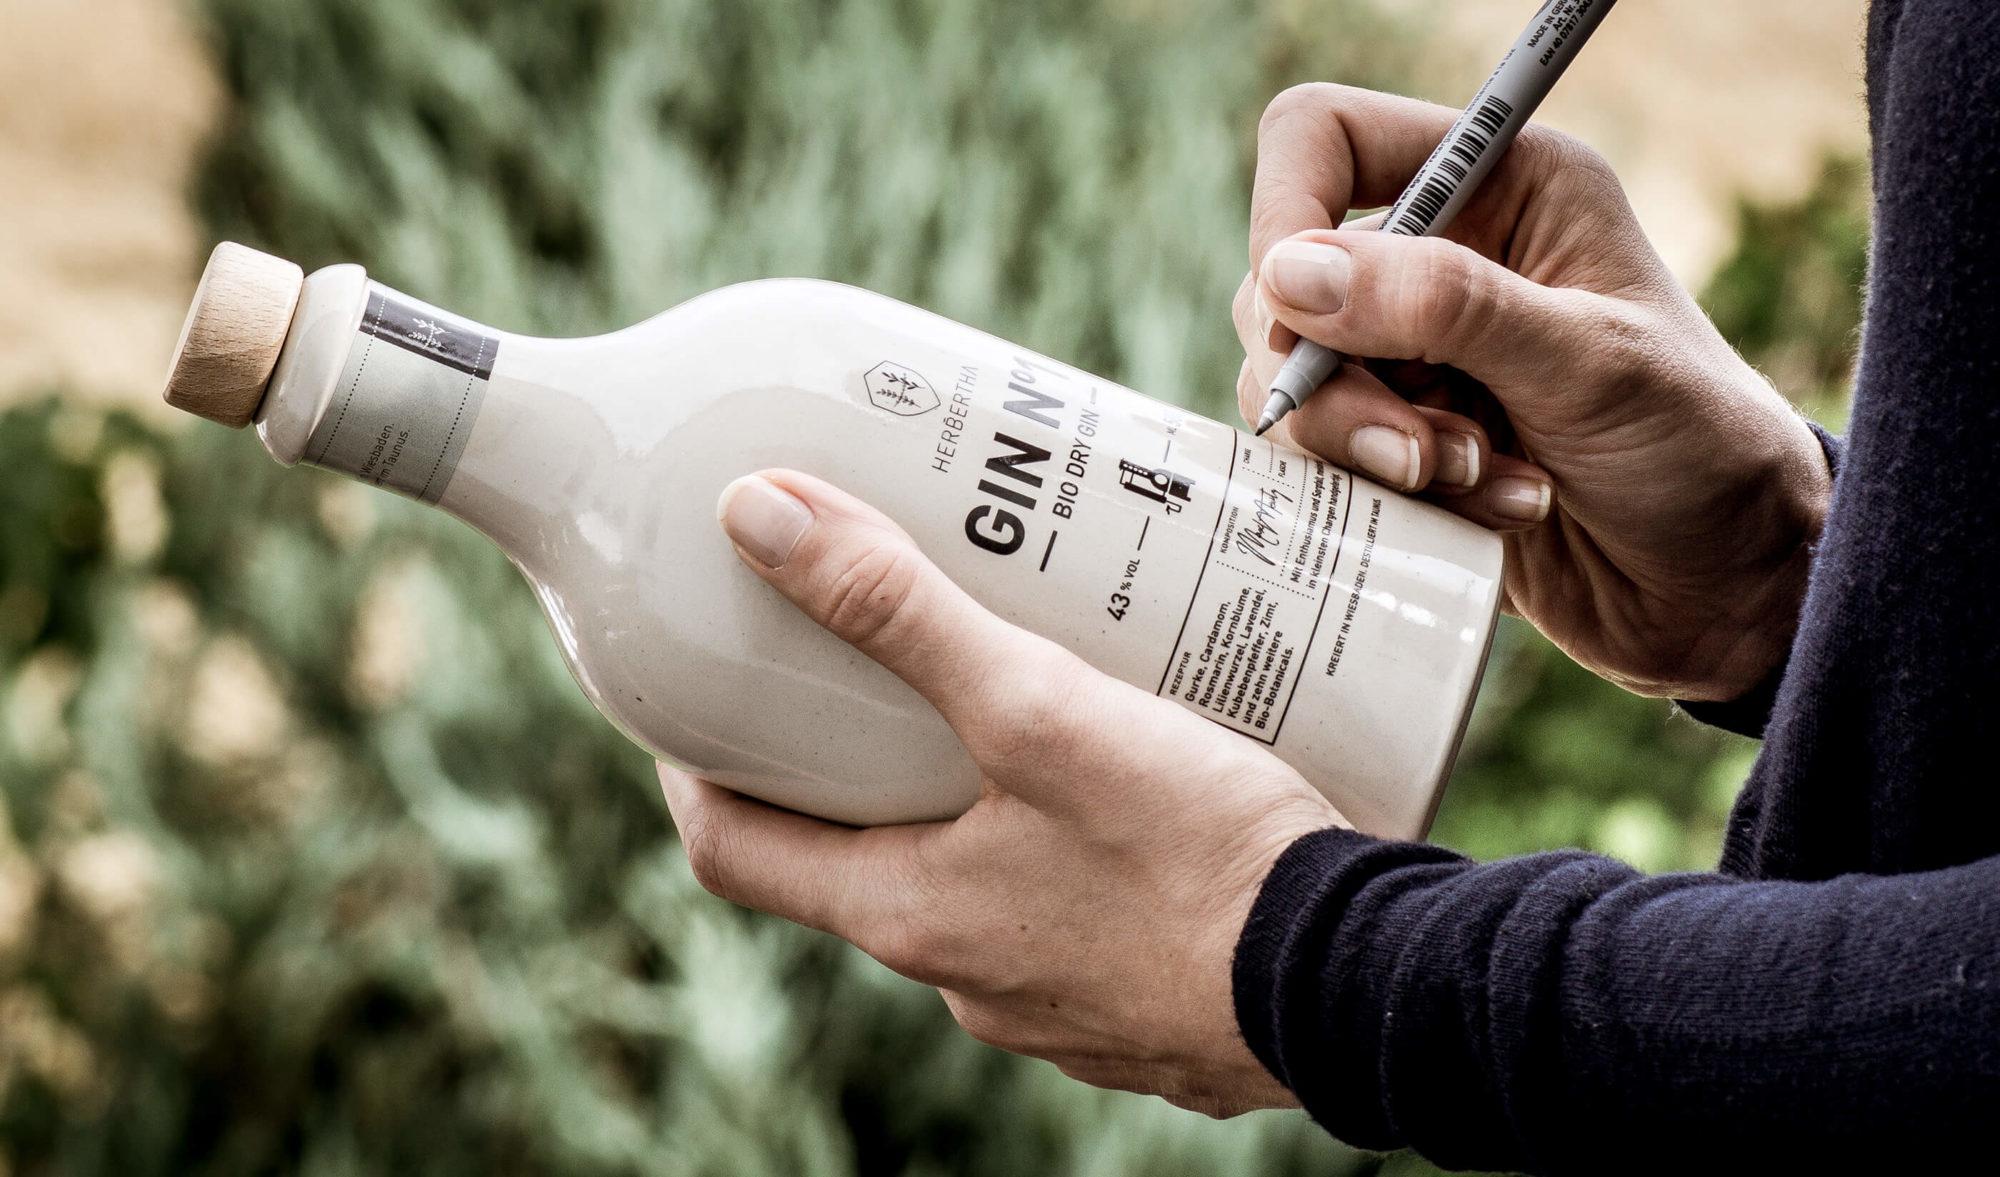 Nummerierung der Flasche